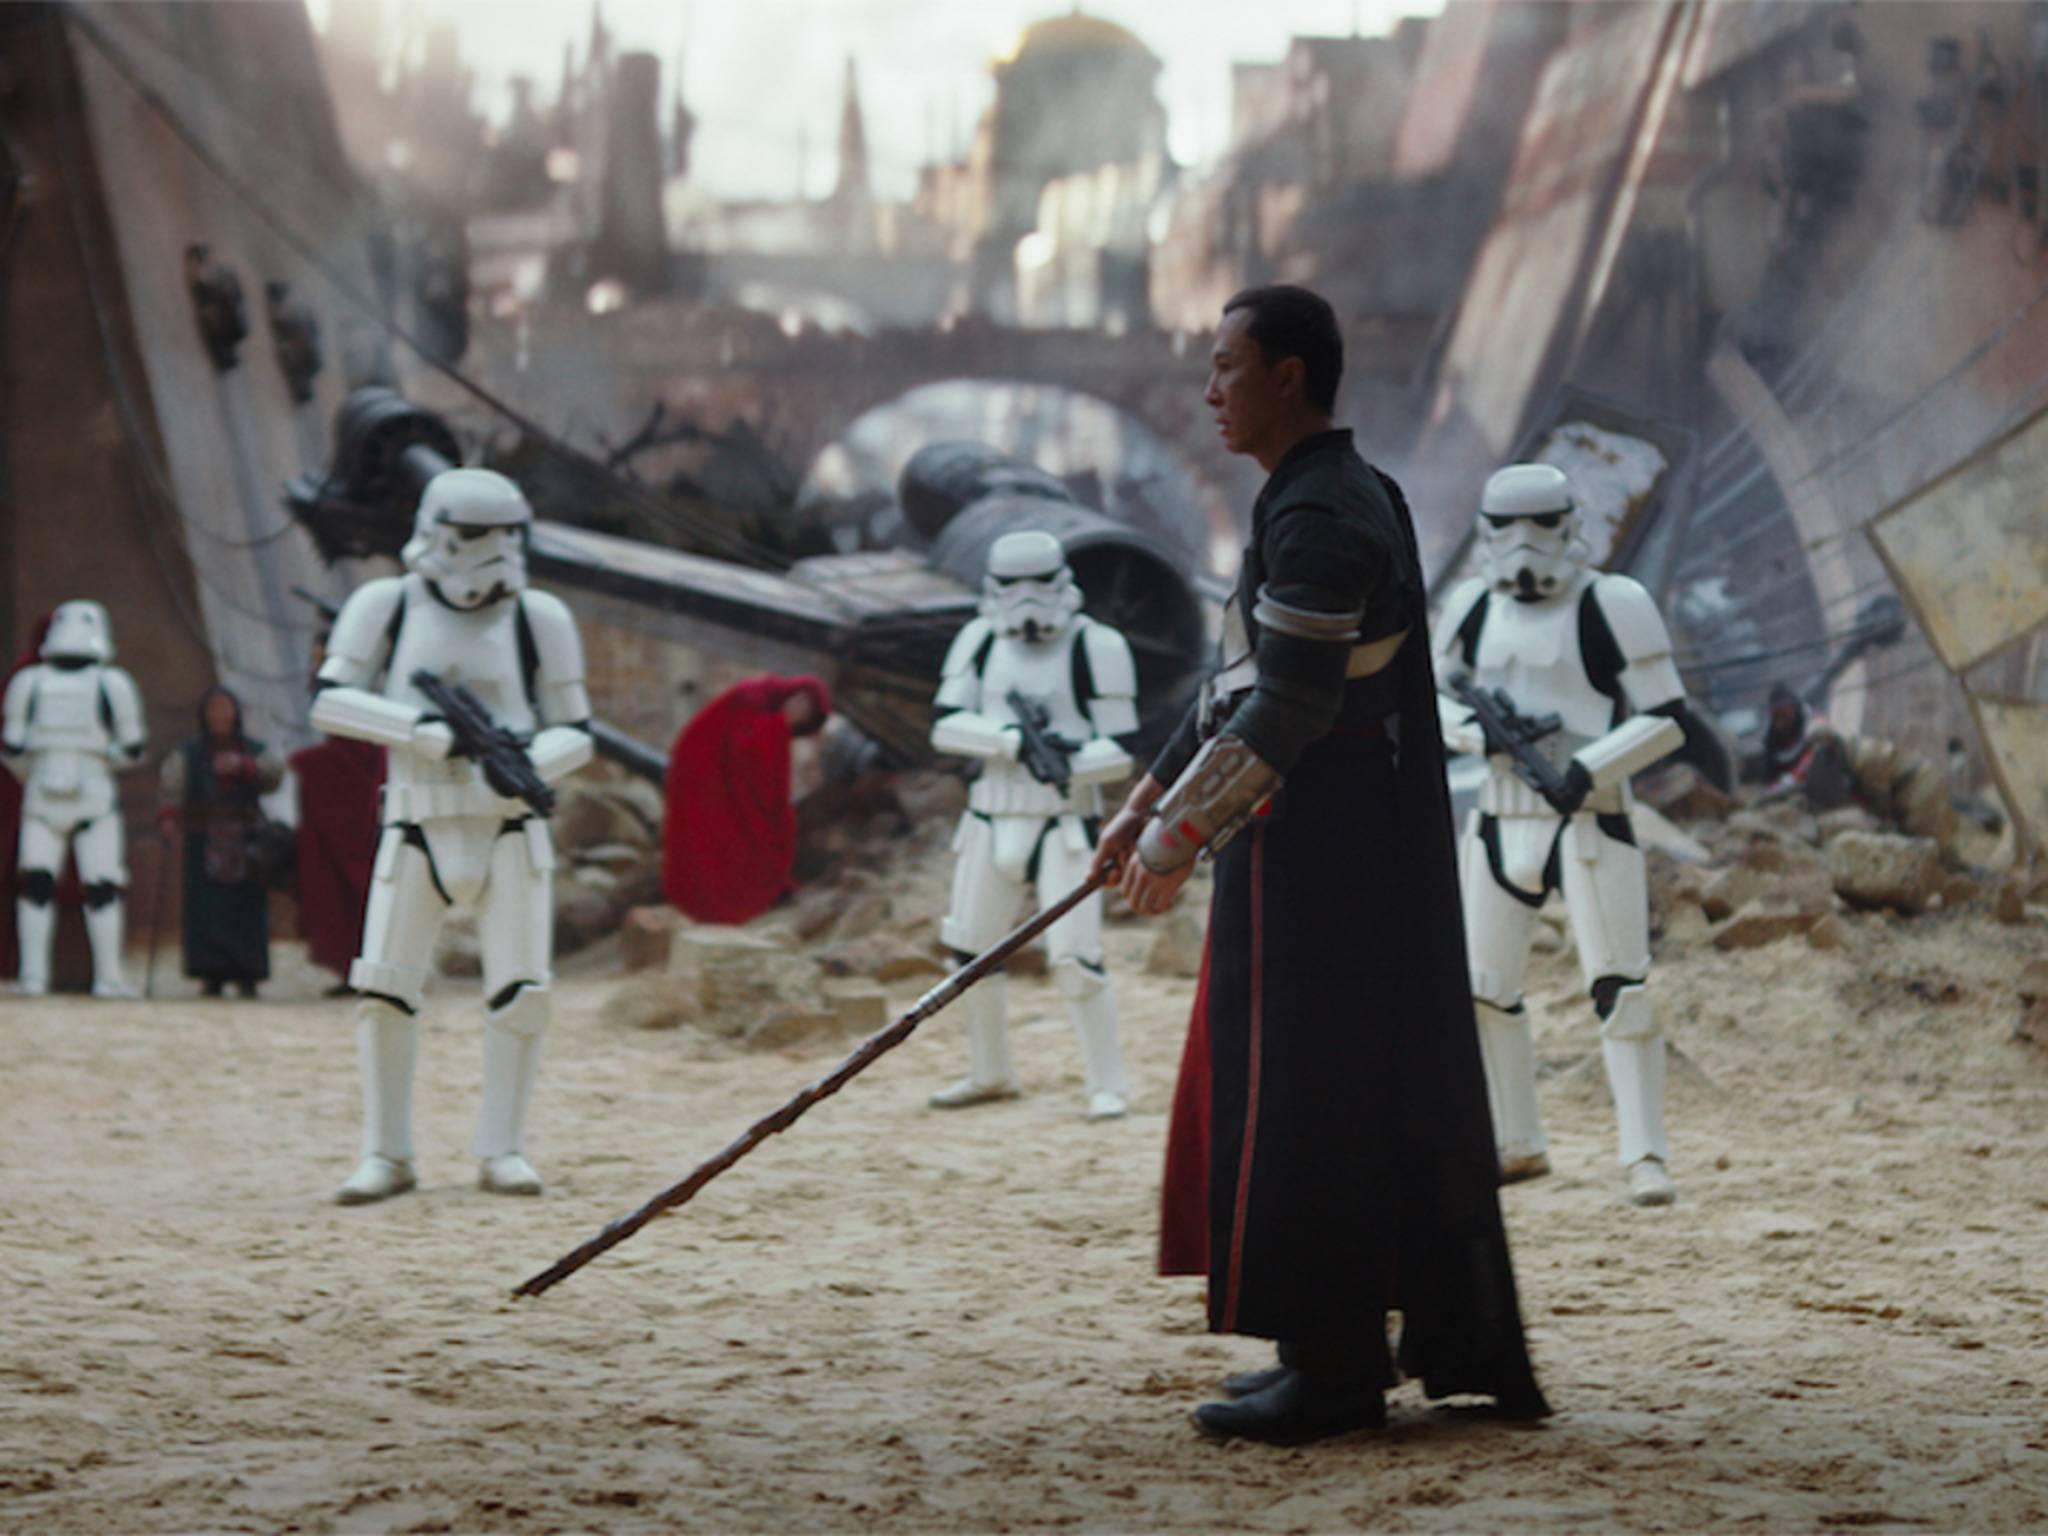 Chirrut Imwe glaubt an den Jedi-Code, hat aber keine Machtkräfte.